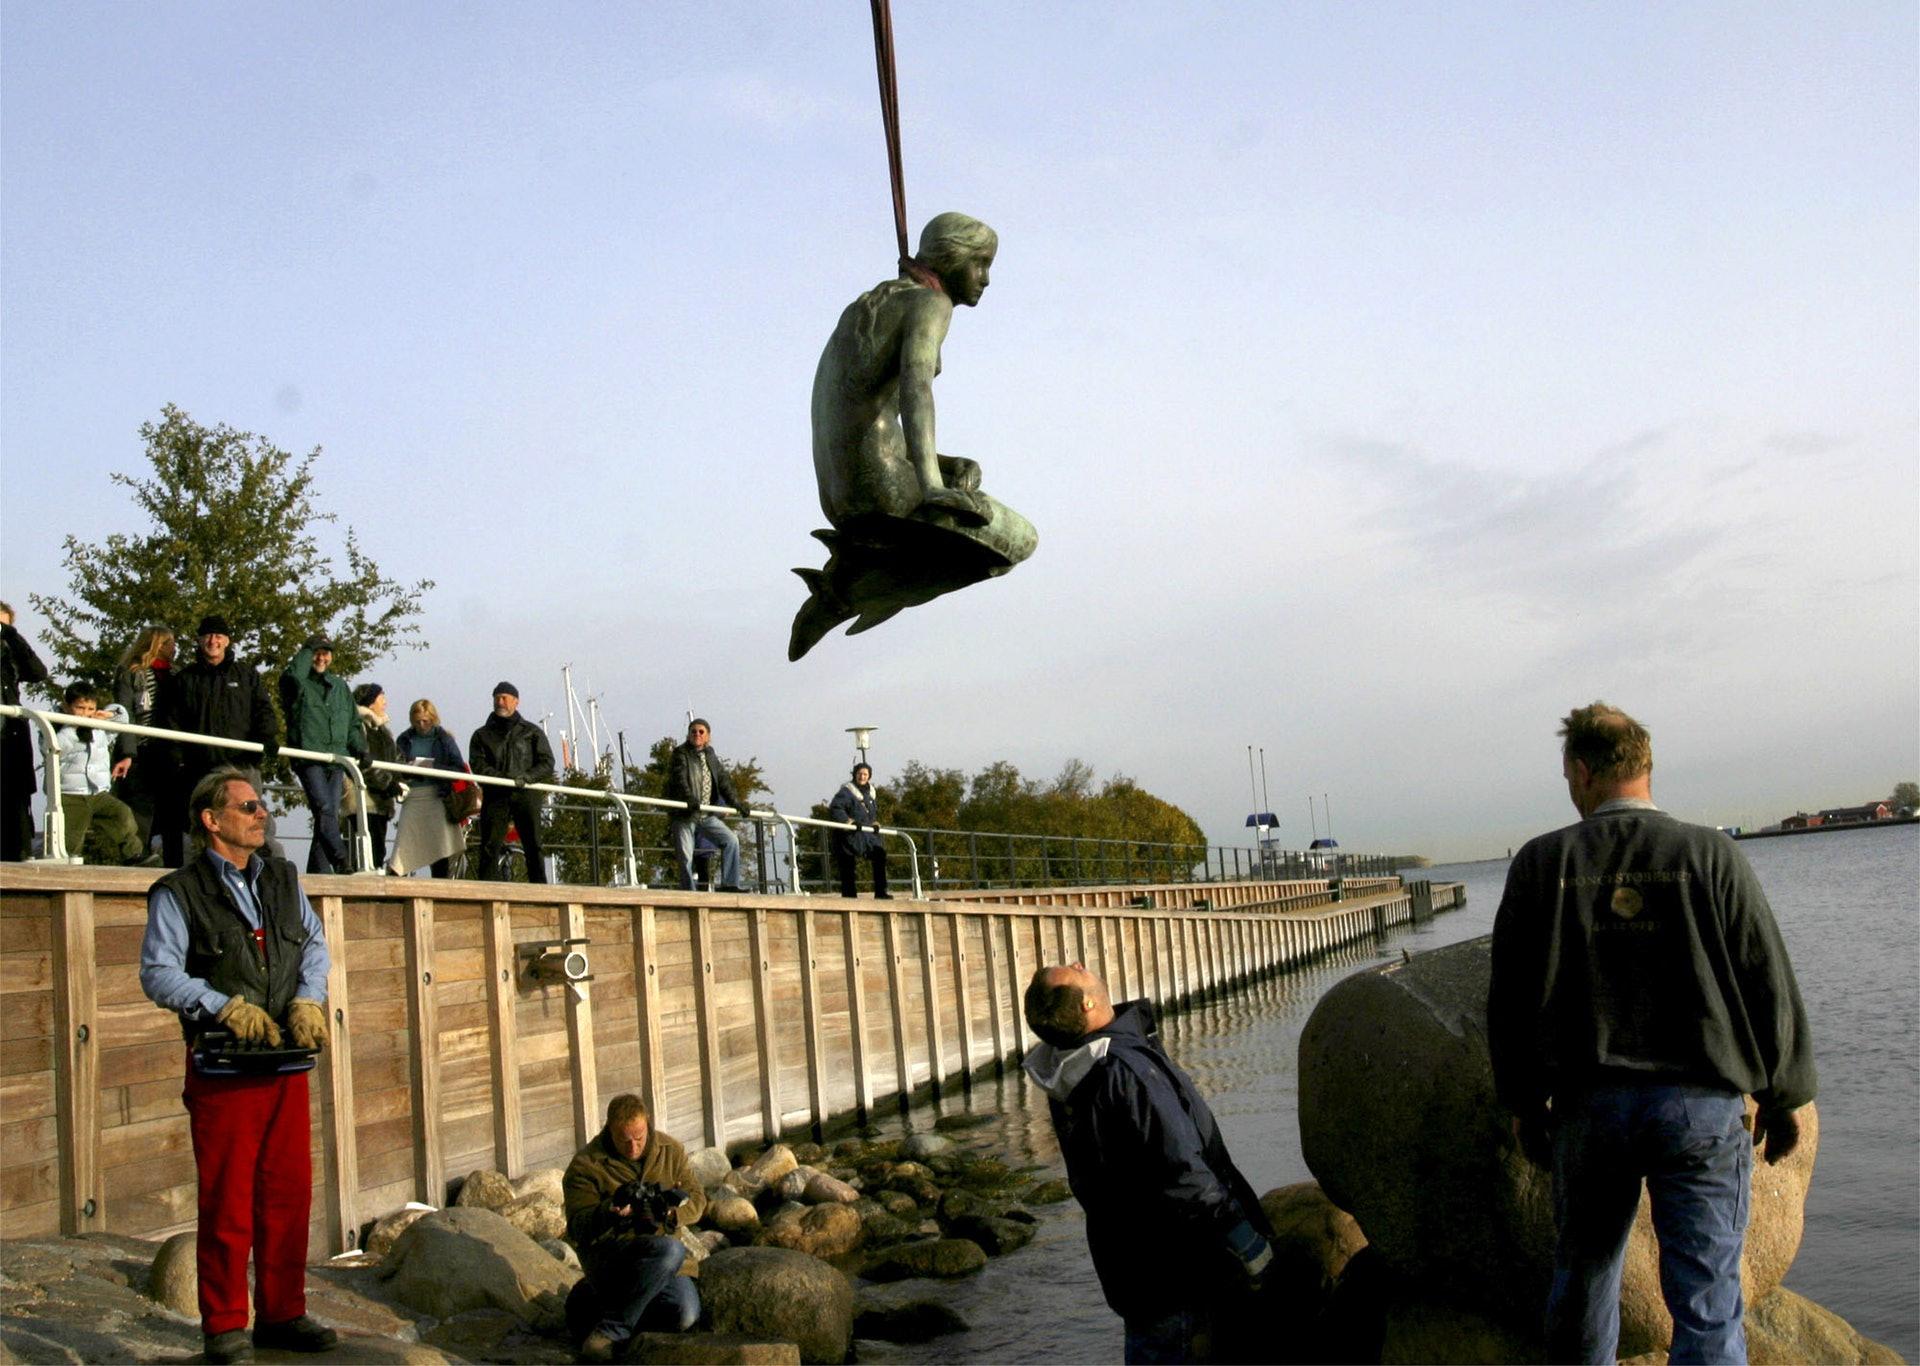 丹麦美人鱼雕像:美人鱼2003年被推落海,当局及后海中发现她,并将她放回原处。 (AP)